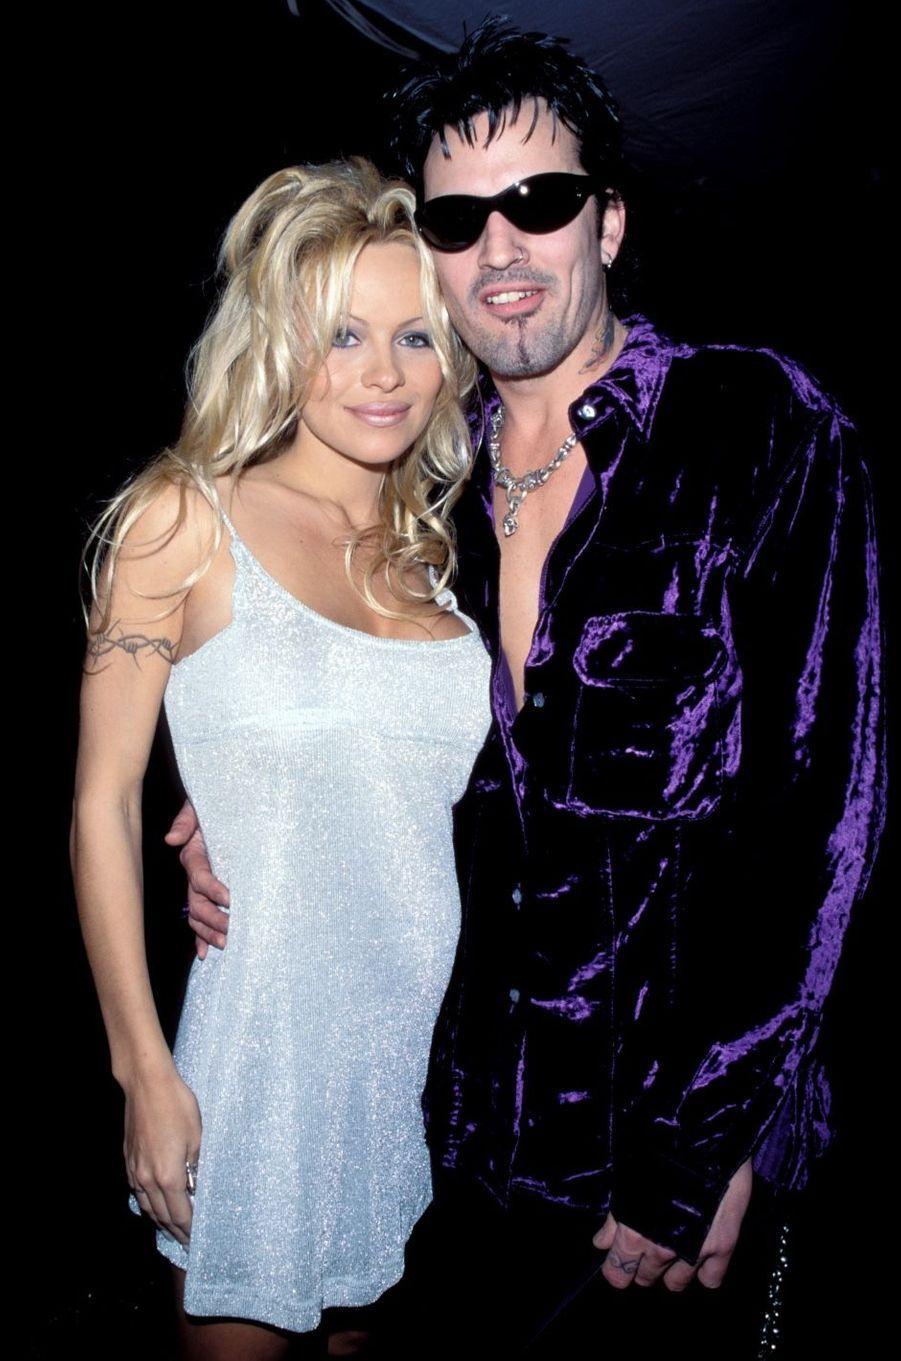 Pamela Anderson et Tommy Lee en 1996. Ils s'étaient mariés en 1995 avant de divorcer en 1998.